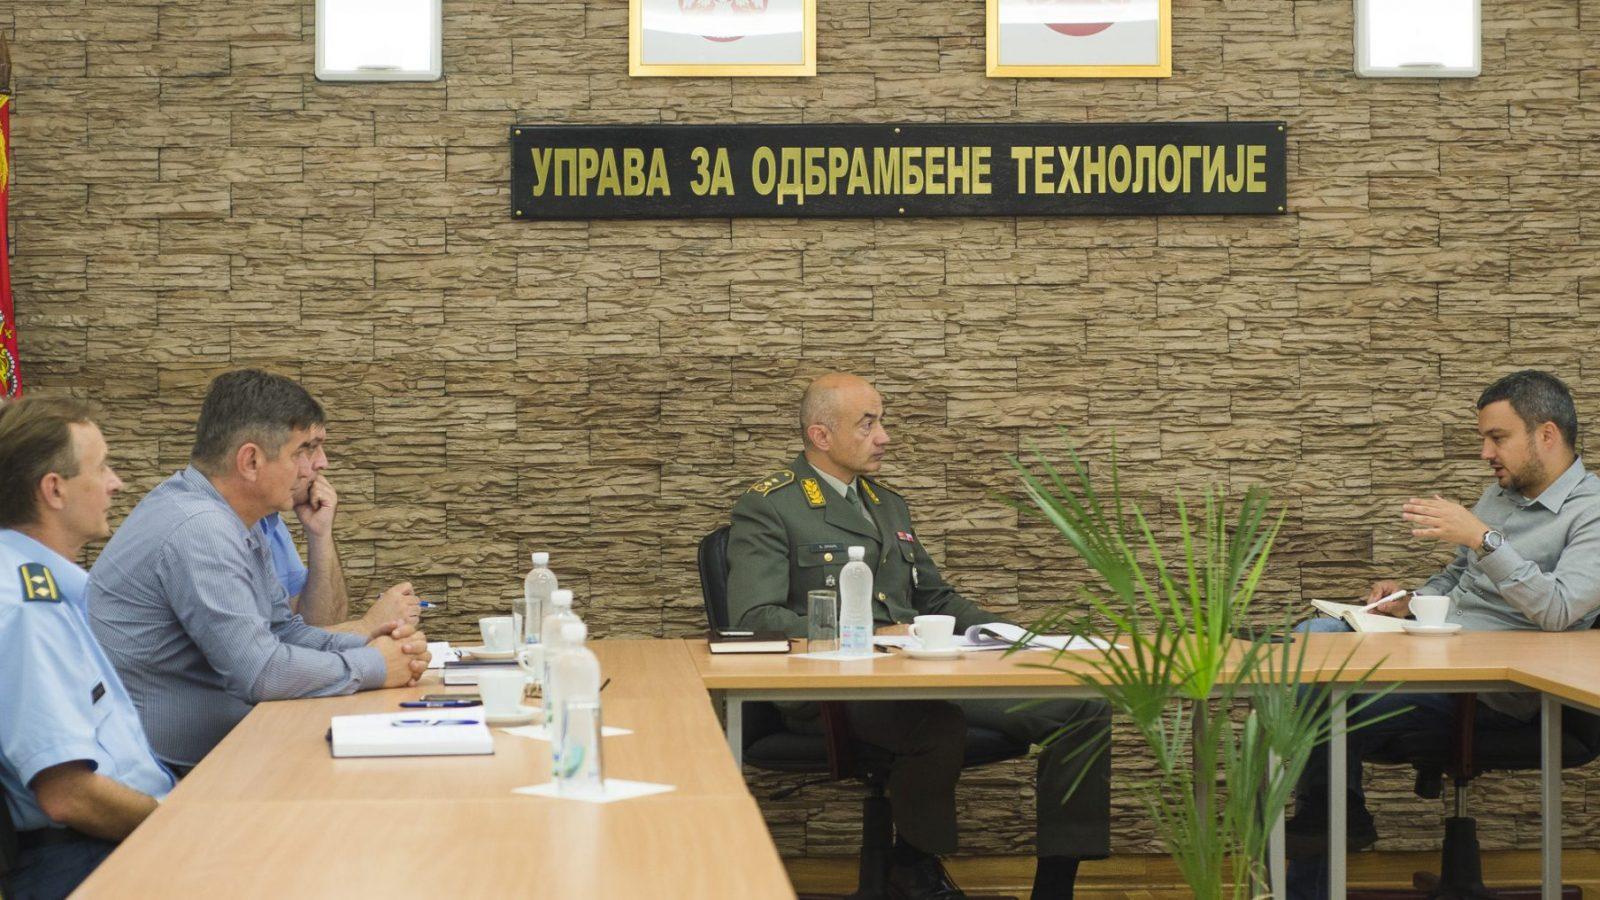 [INTERVJU] Zrnić: Interes je da razvijemo vazduhoplovno-industrijsku bazu u Srbiji